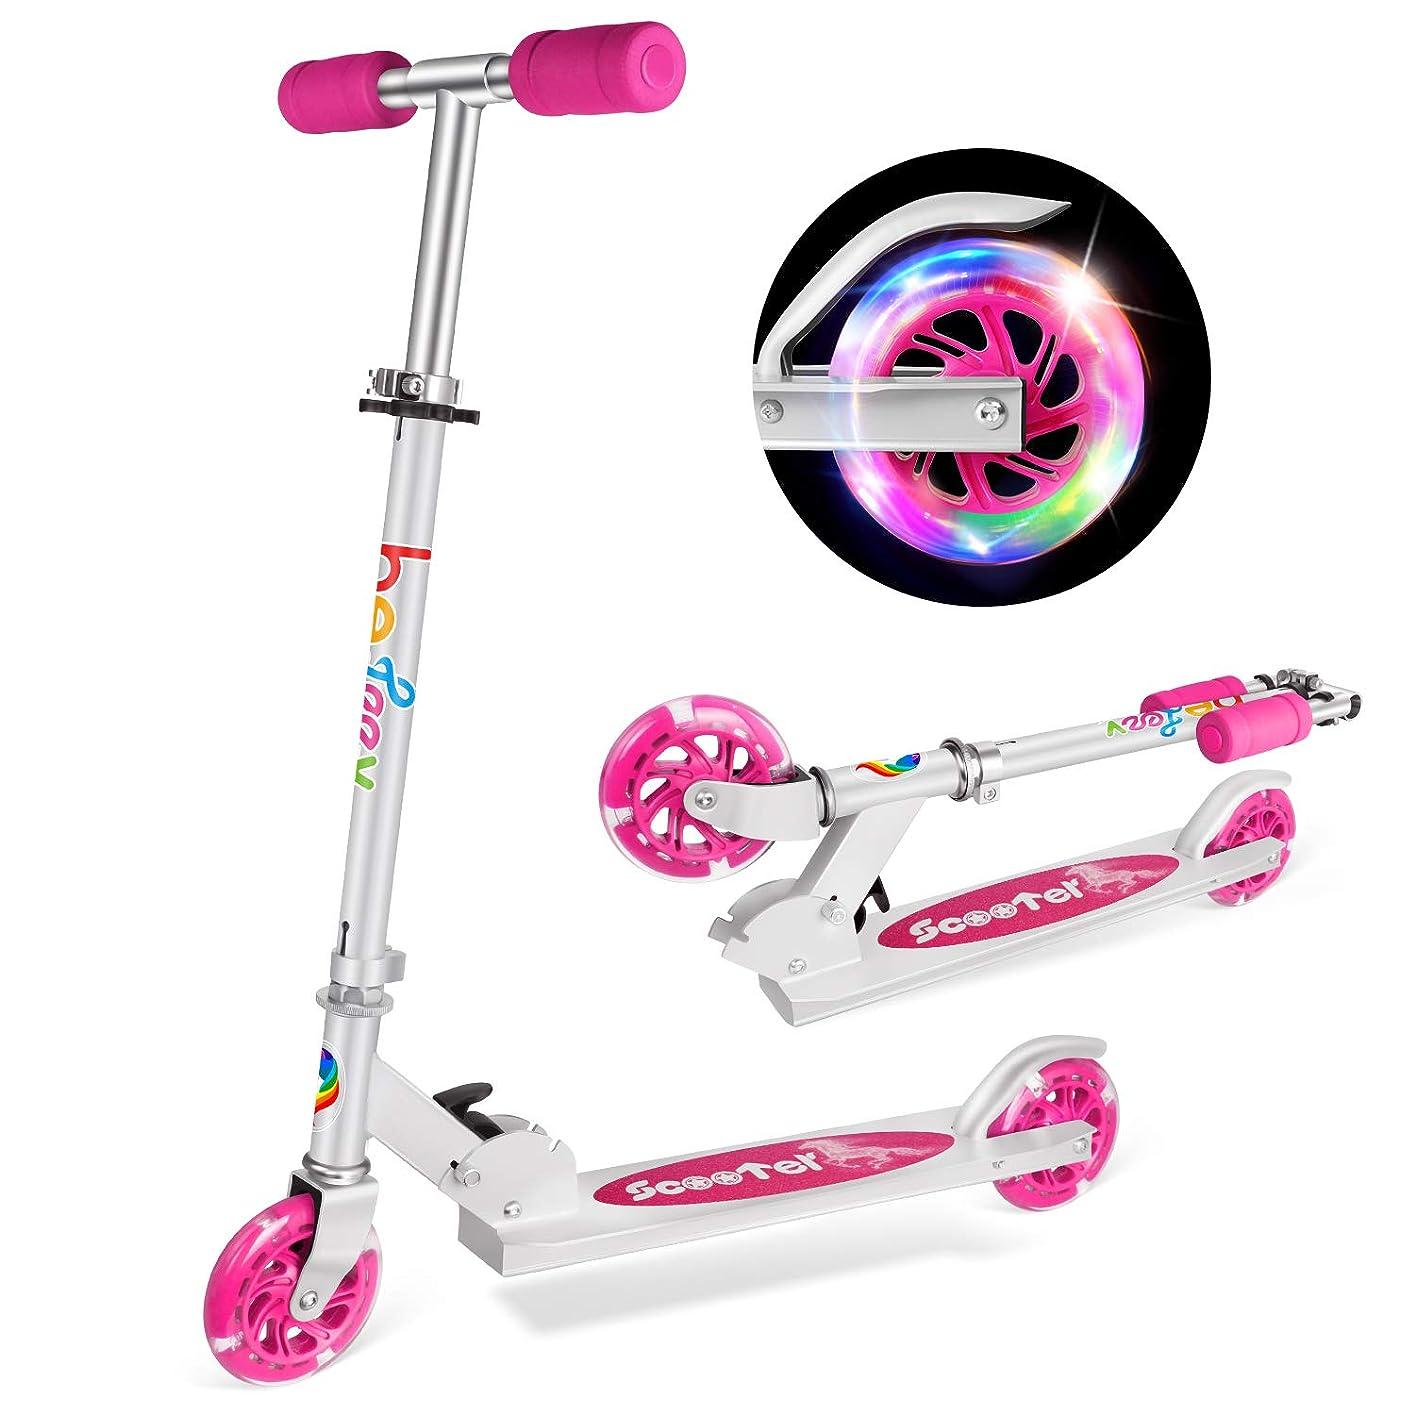 期間エンジニアドラムBELEEV 子供用 キックスクーター 2輪 折り畳み式 キックボード 光るホイール ブレーキ付き スクーター 対象年齢5歳以上